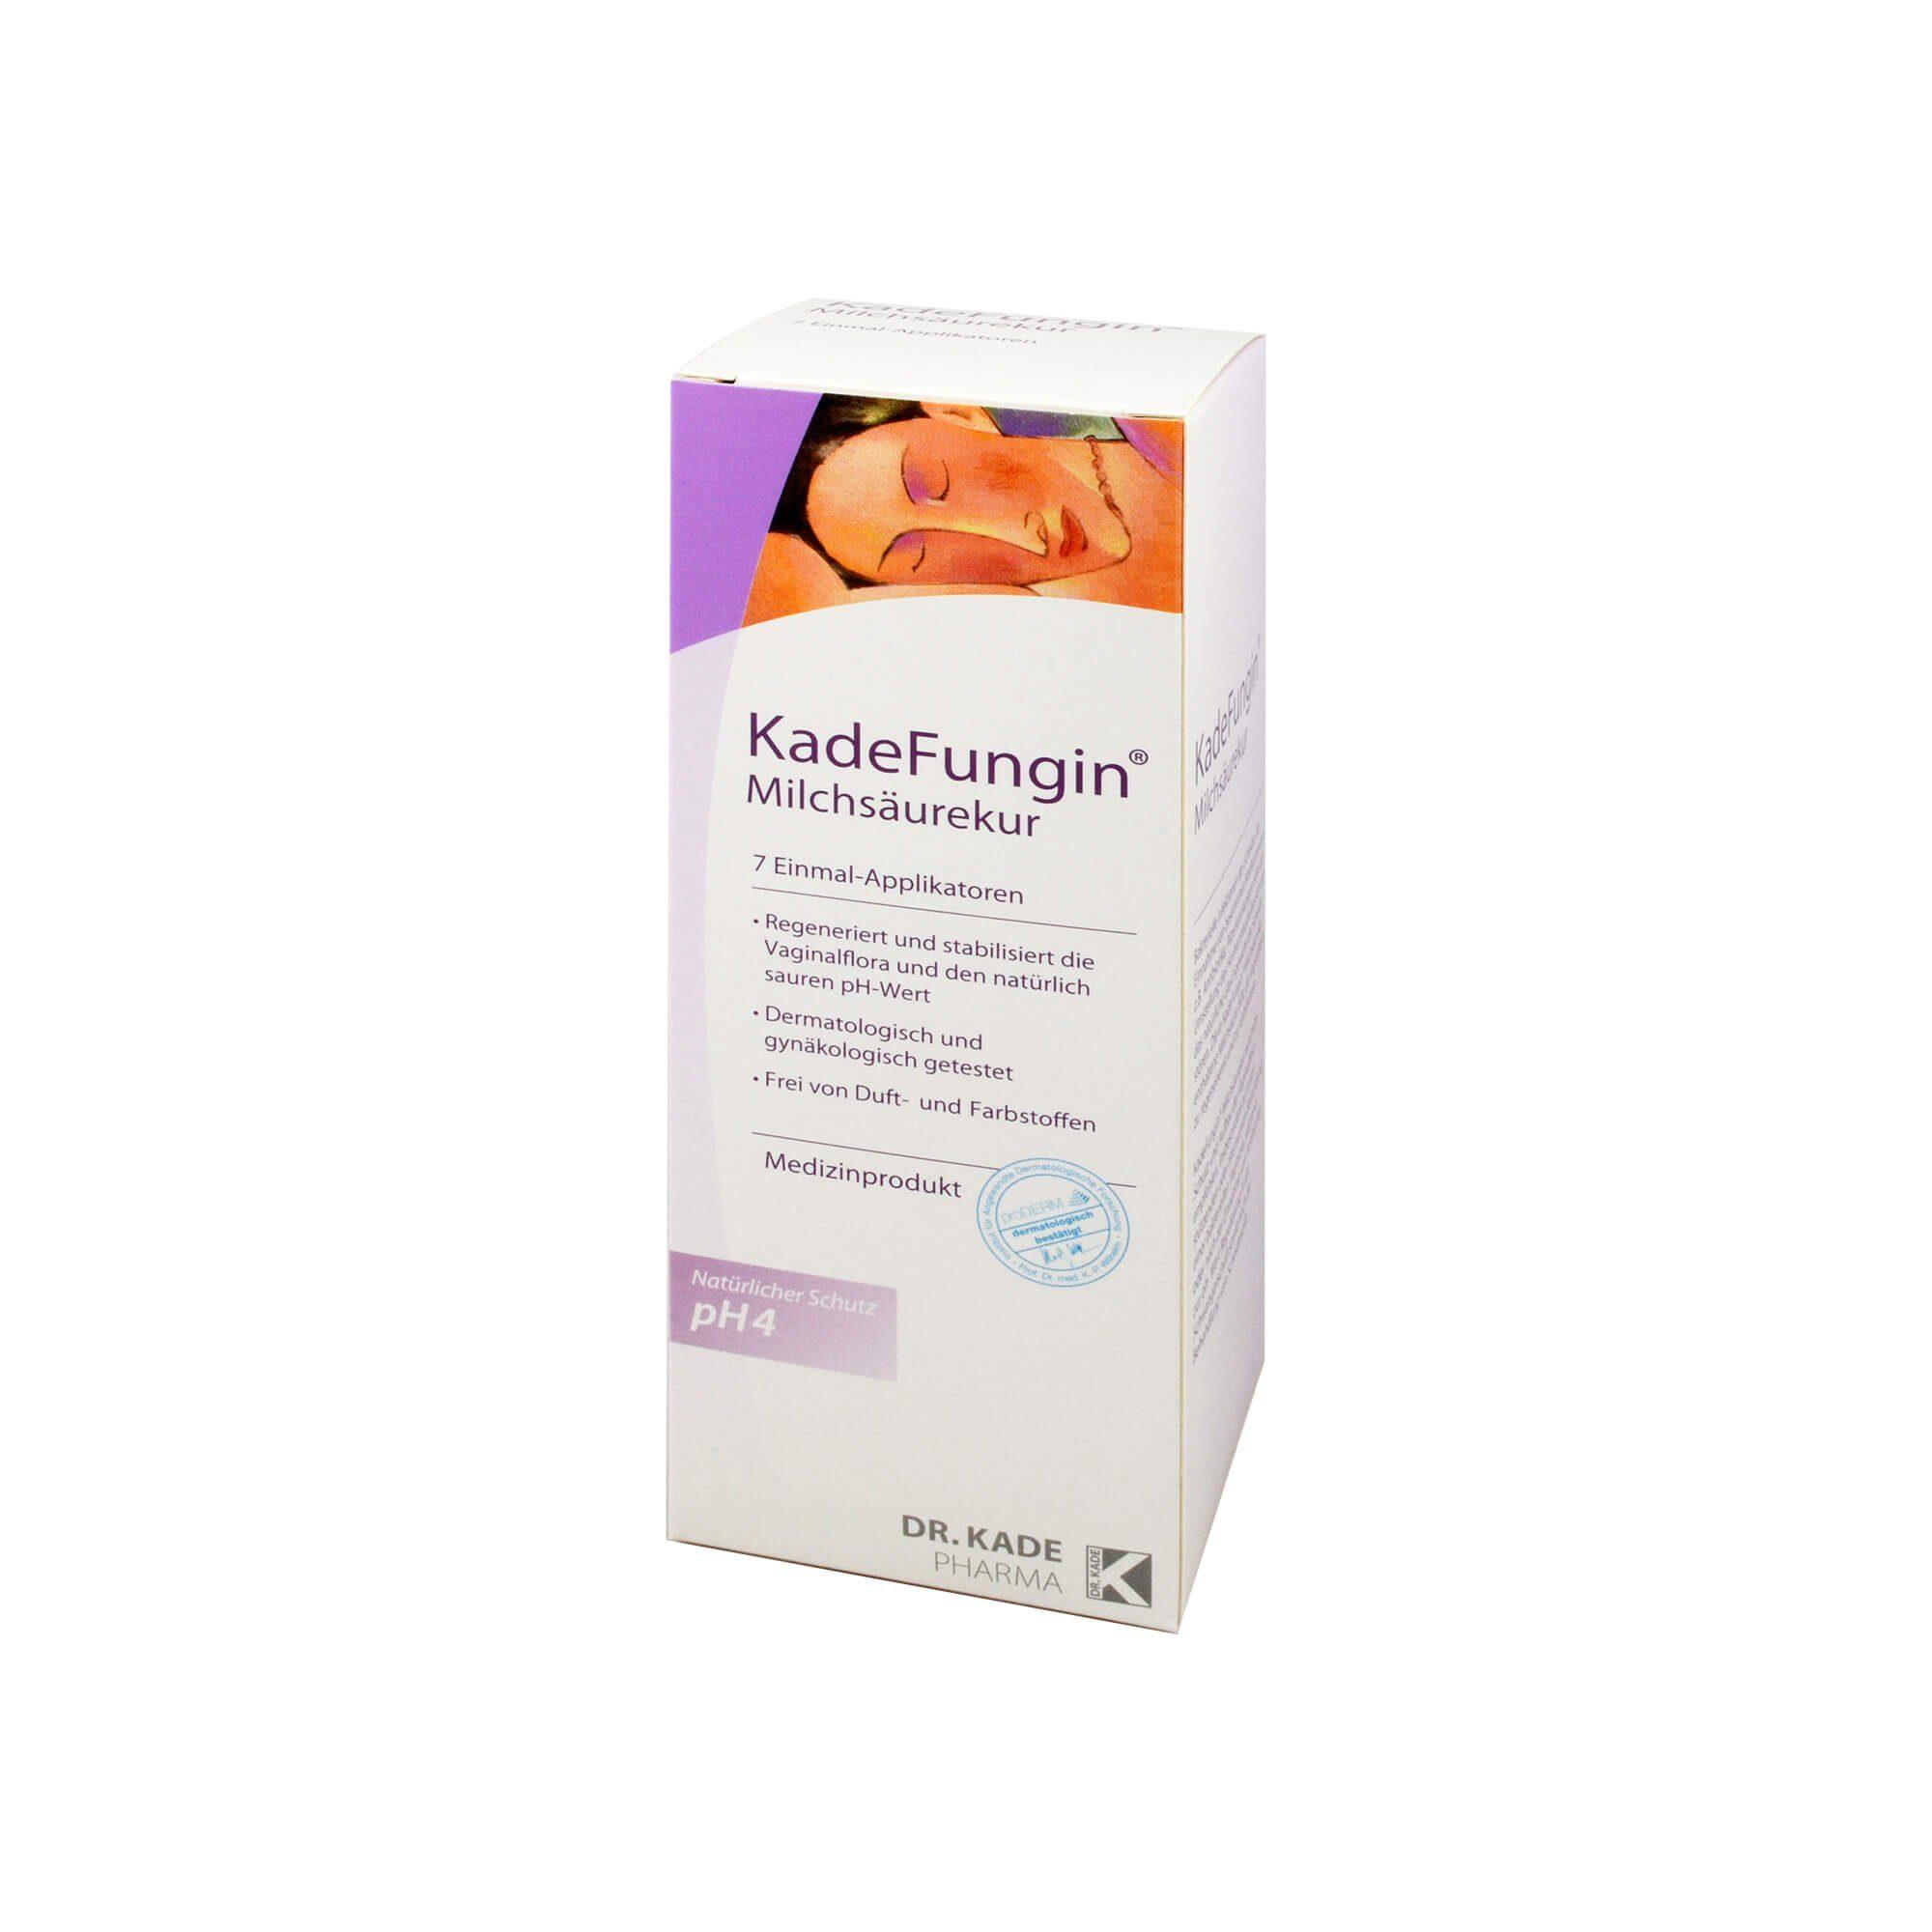 Kadefungin Milchsäurekur Gel Einmalapplikatoren, 7X2.5 g